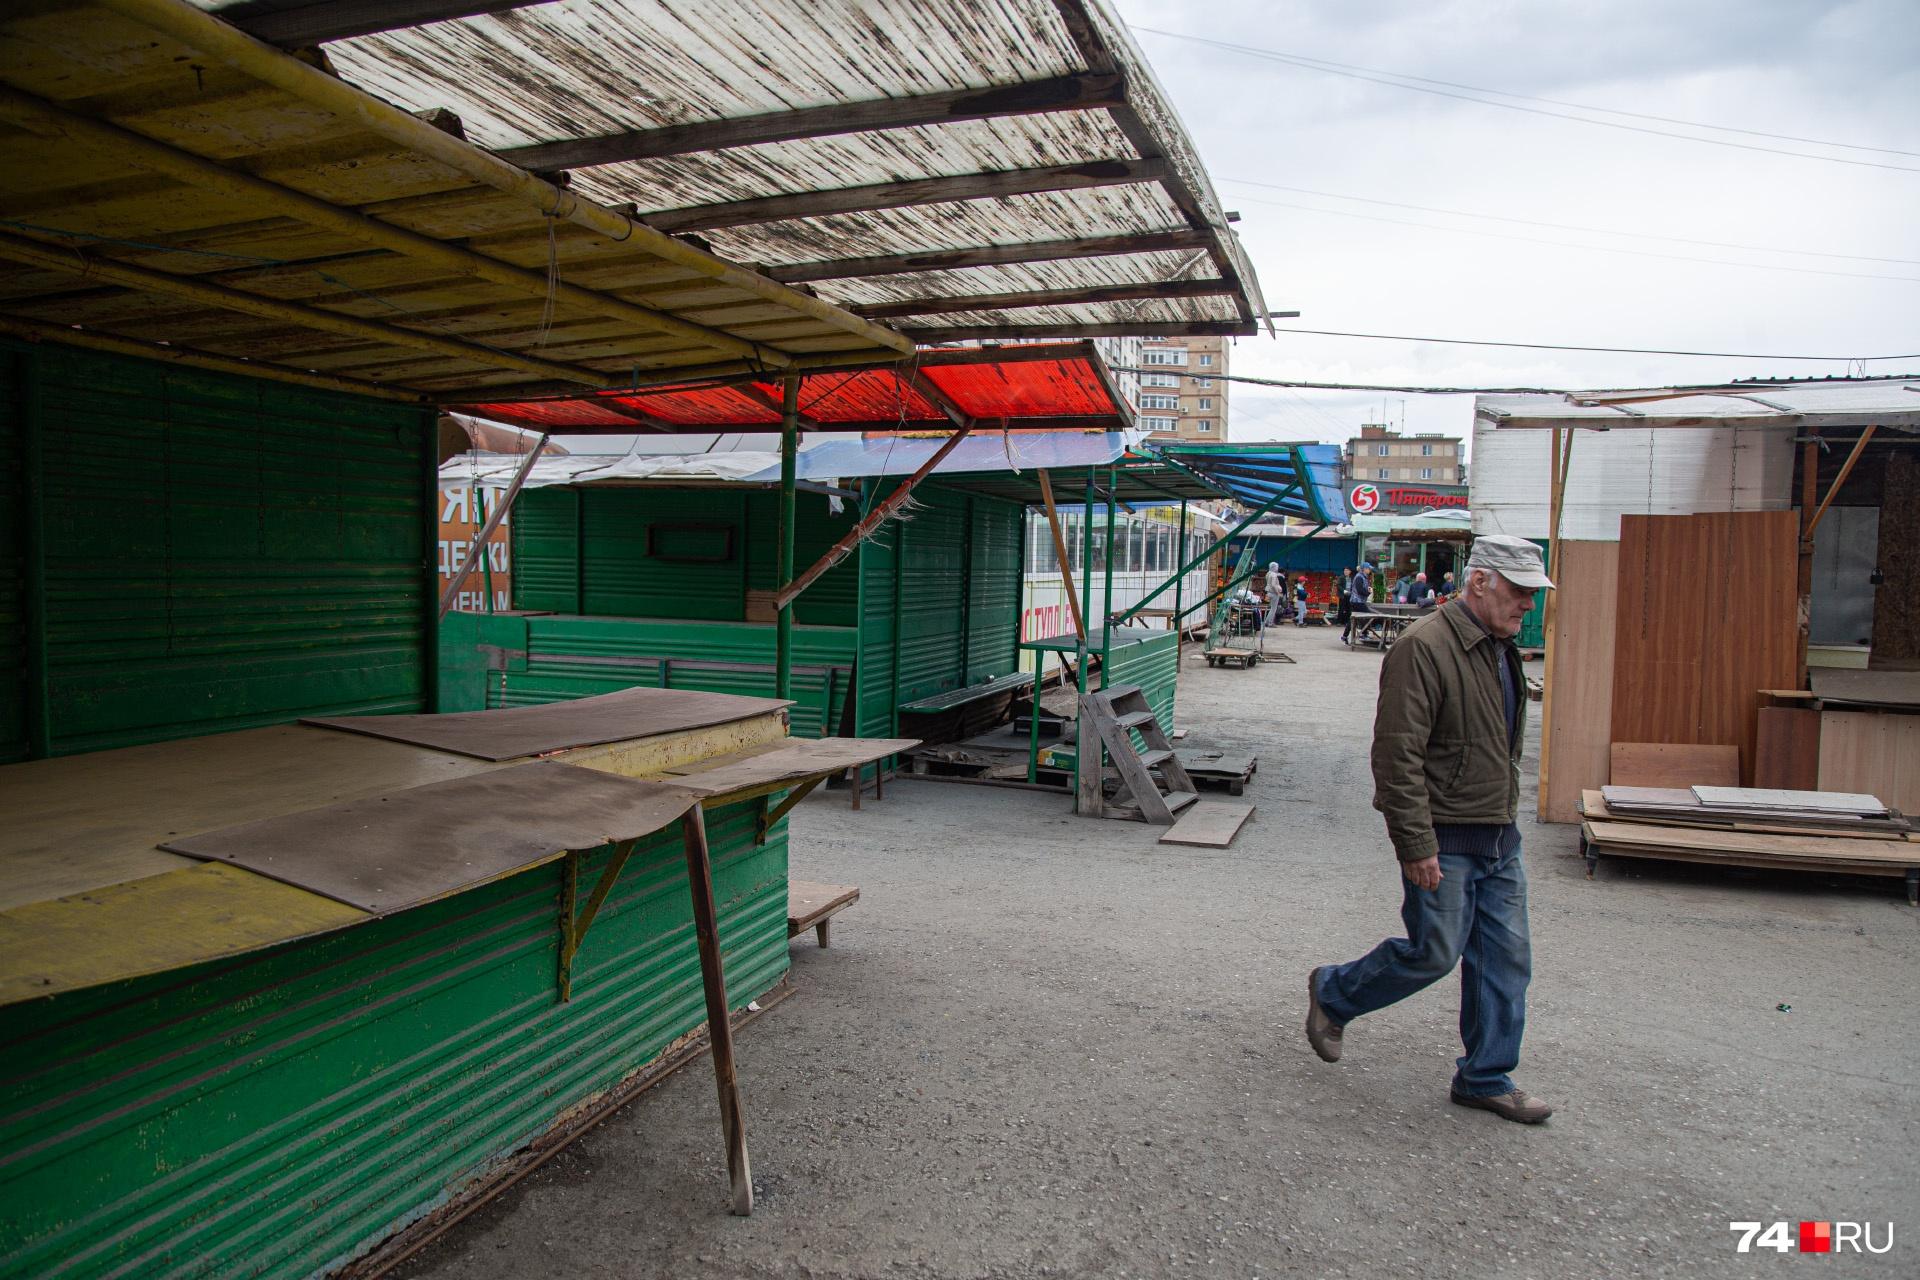 Большинство уличных лотков, где обычно торгуют одеждой, сейчас пустуют